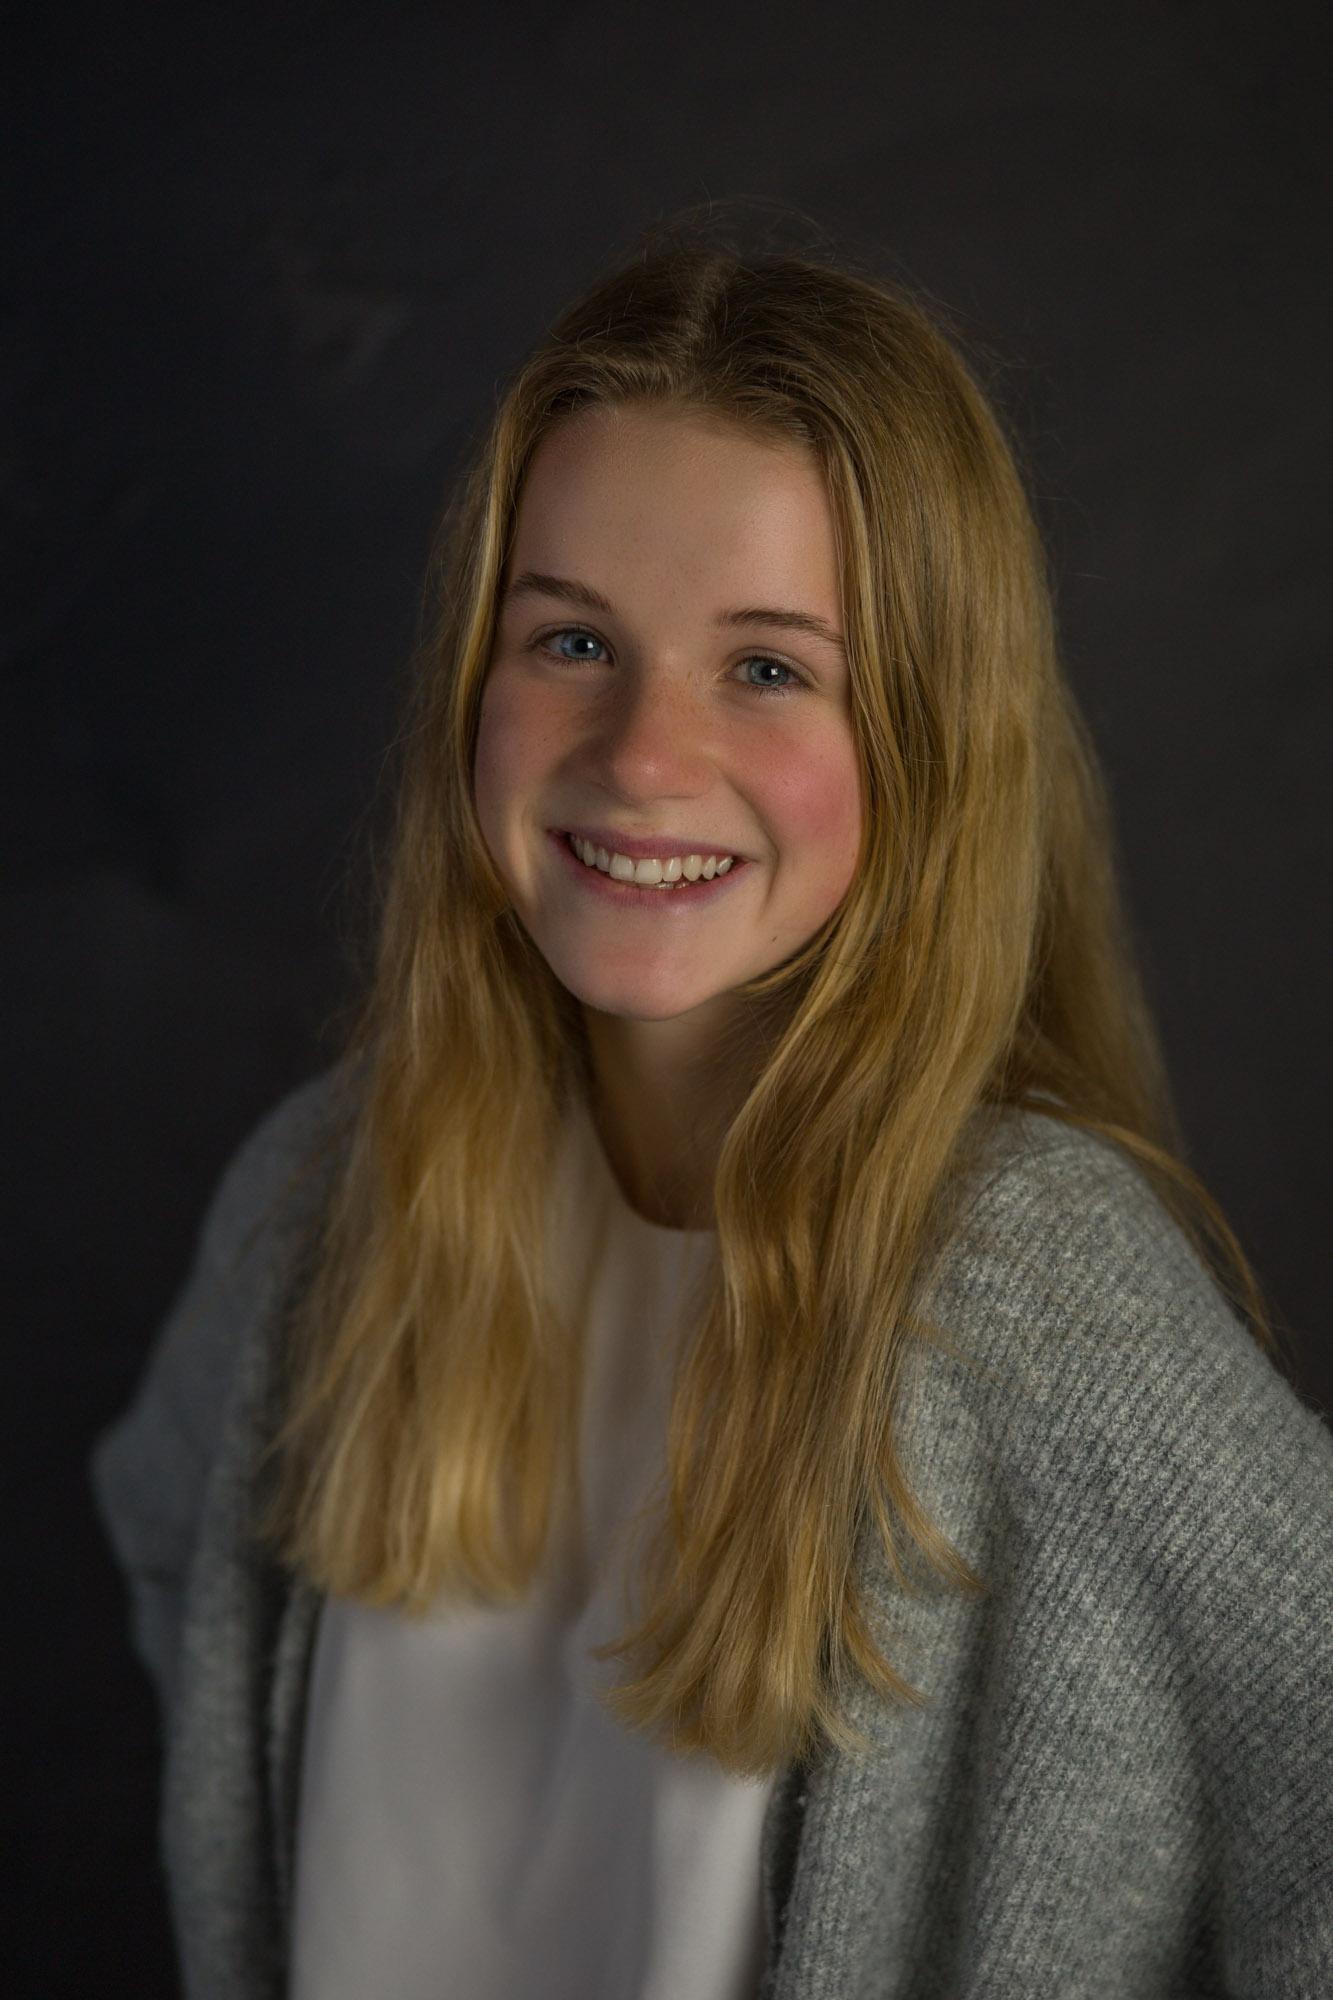 Tiener portretfotograaf in Amersfoort. Tienerportret door Mayra Fotografie. Fotostudio regio Amersfoort.